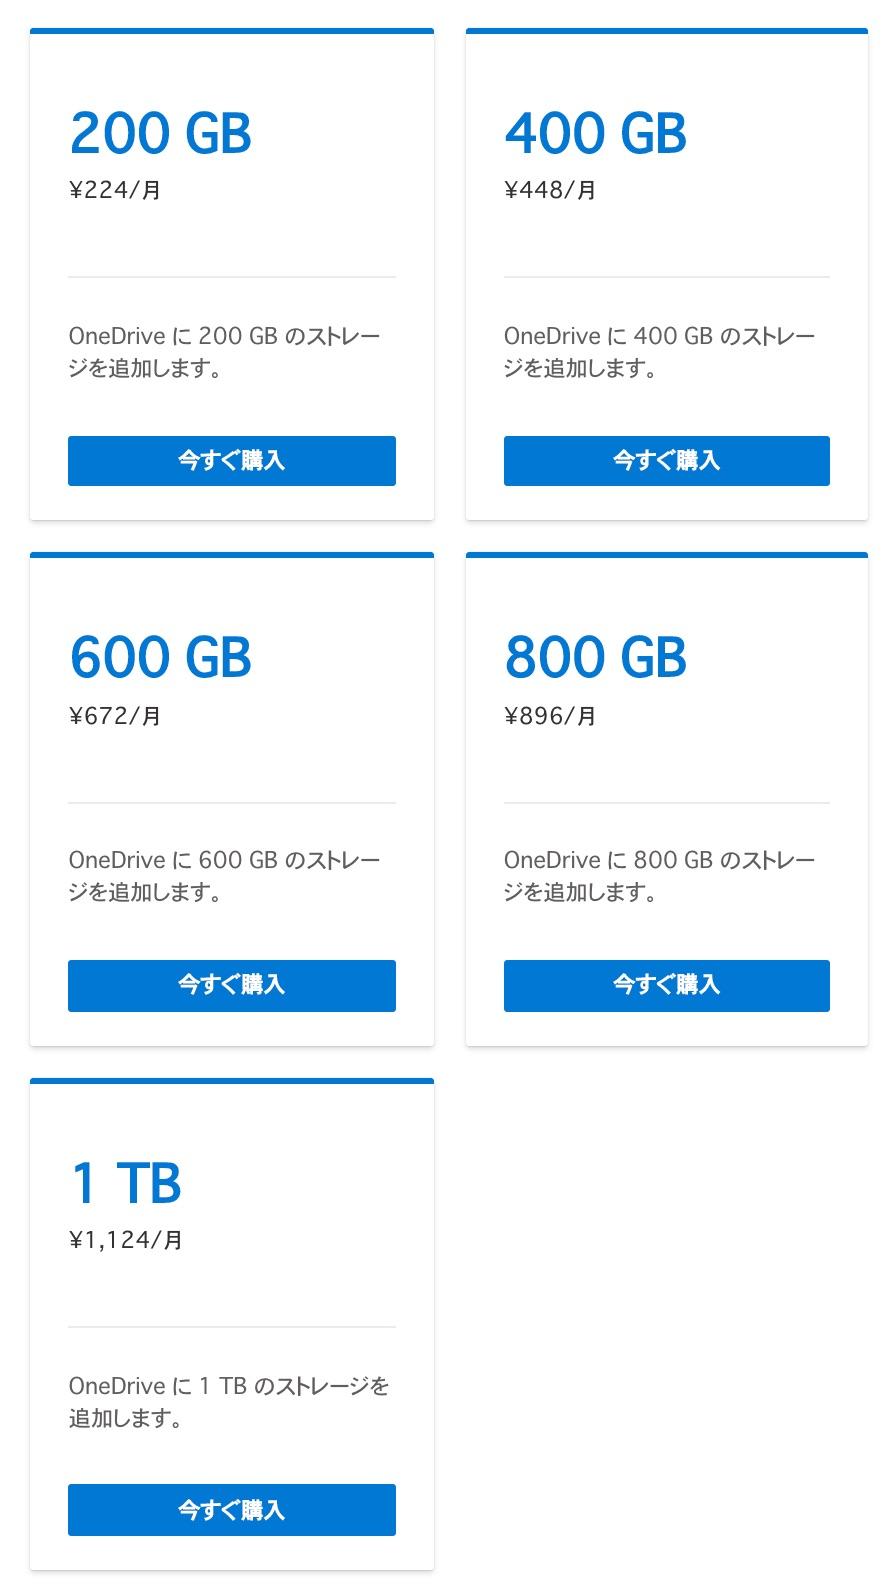 OneDrive - 3